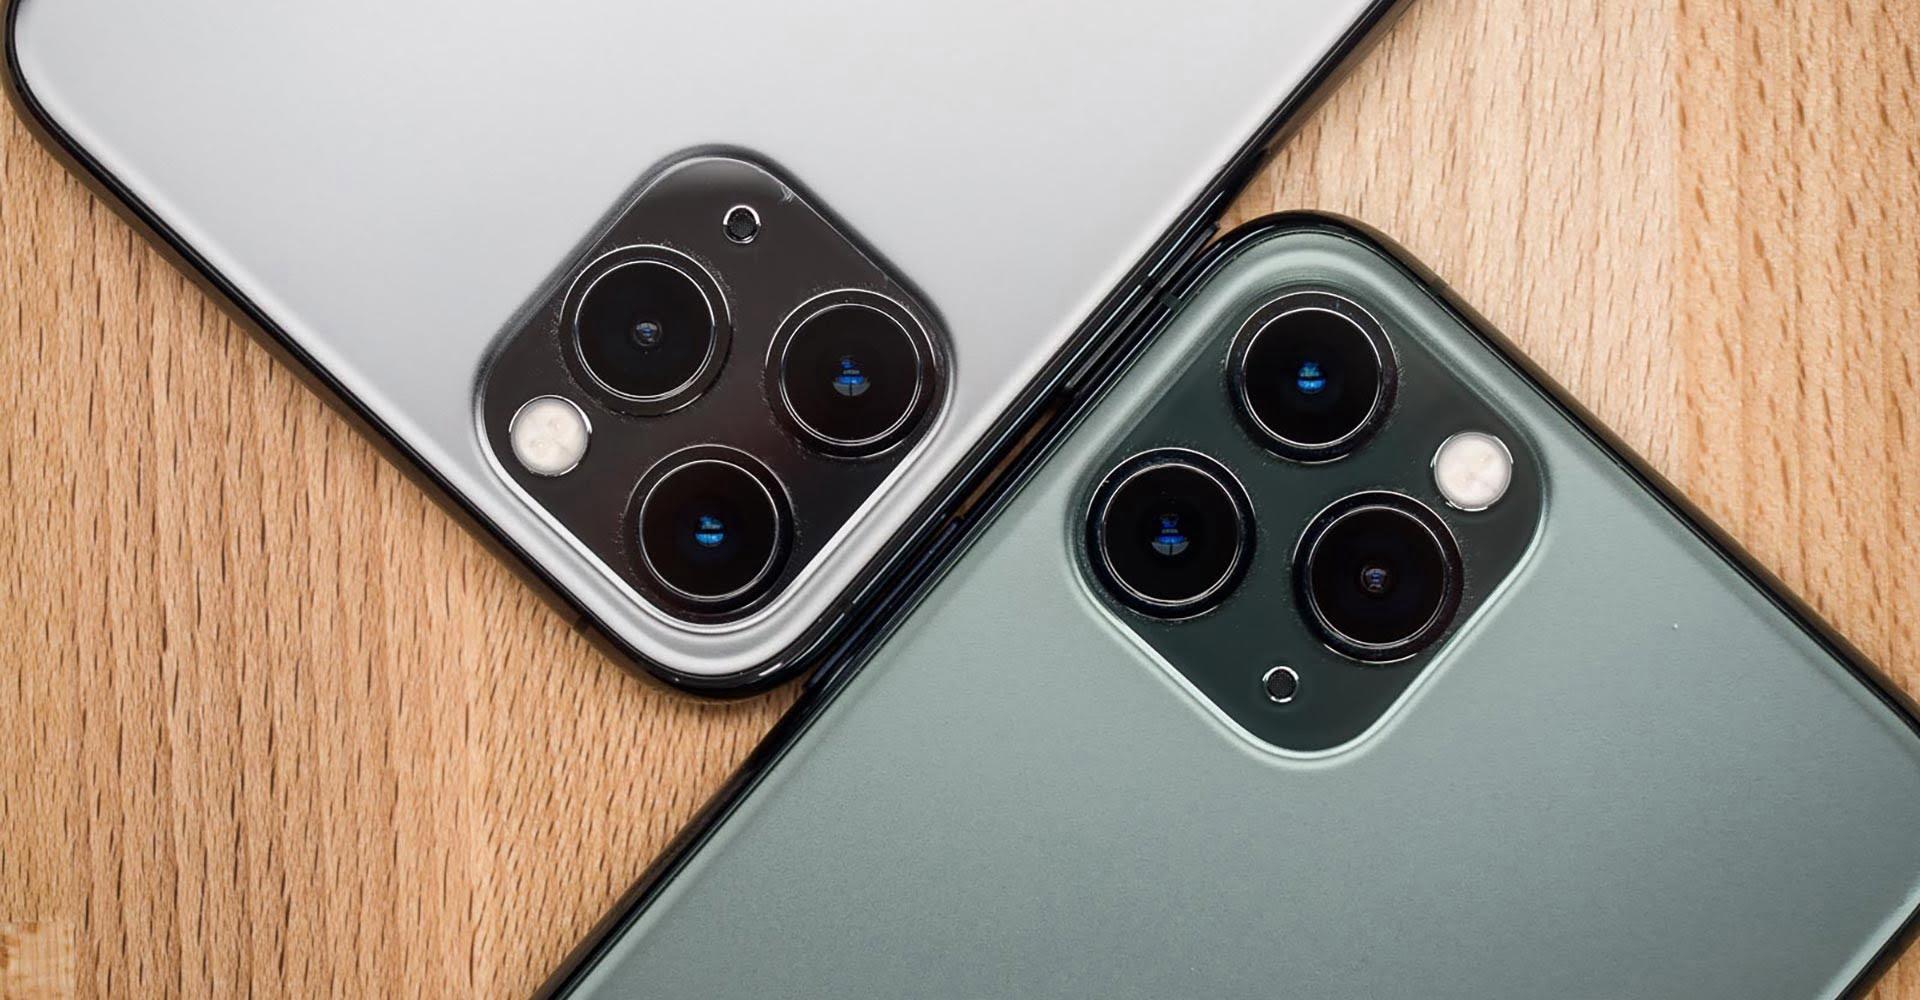 Informację od Ming-Chi Kuo na temat iPhone'ów w 2022 roku